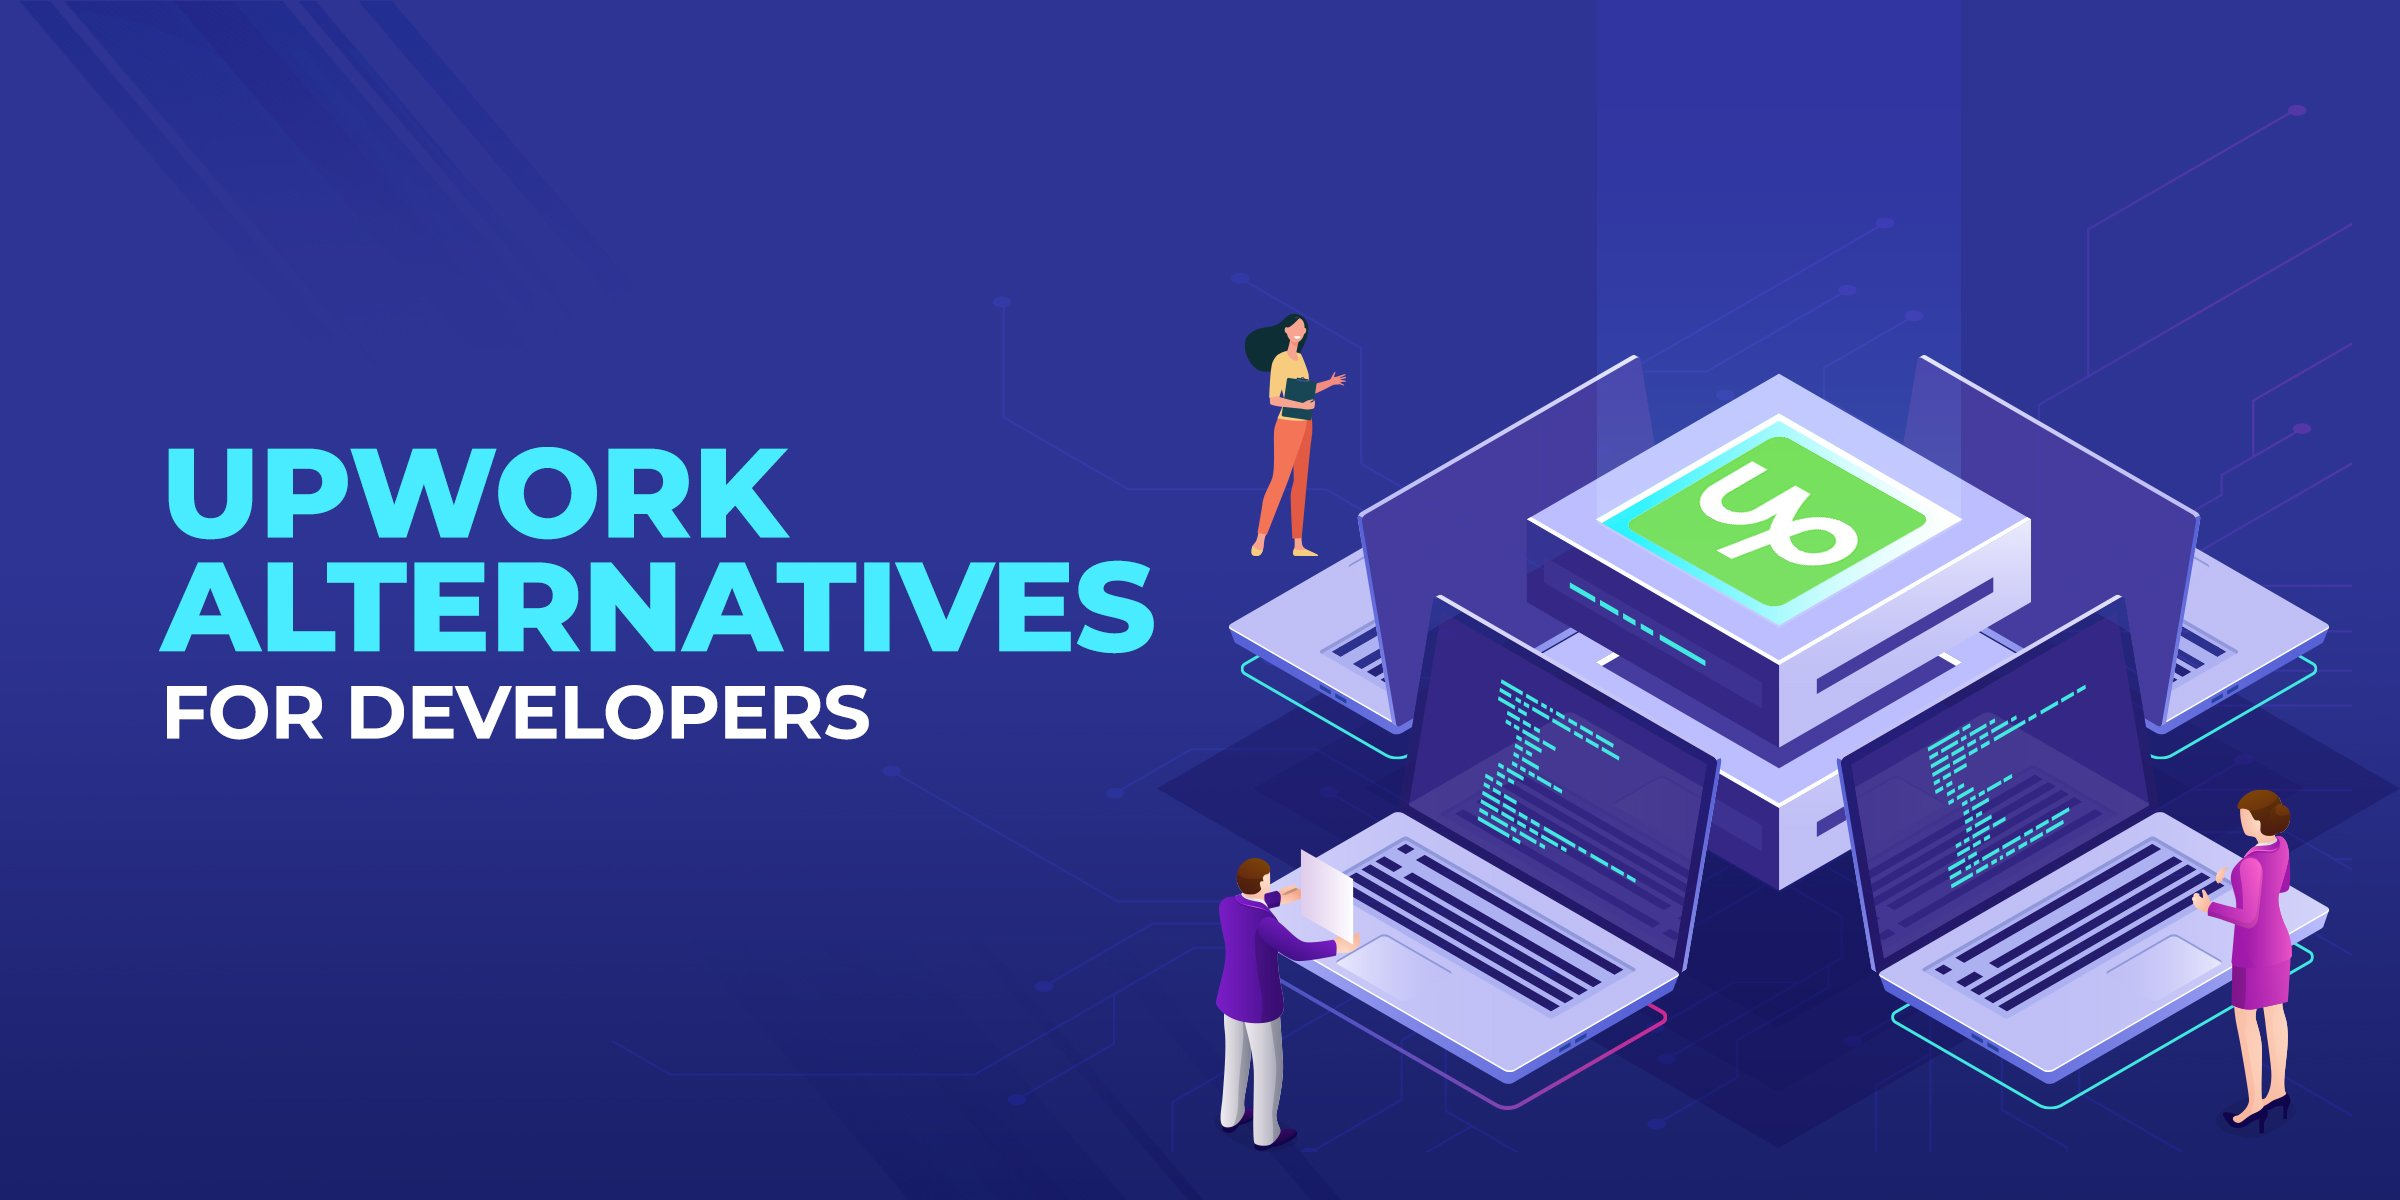 Upwork Alternatives for Developers